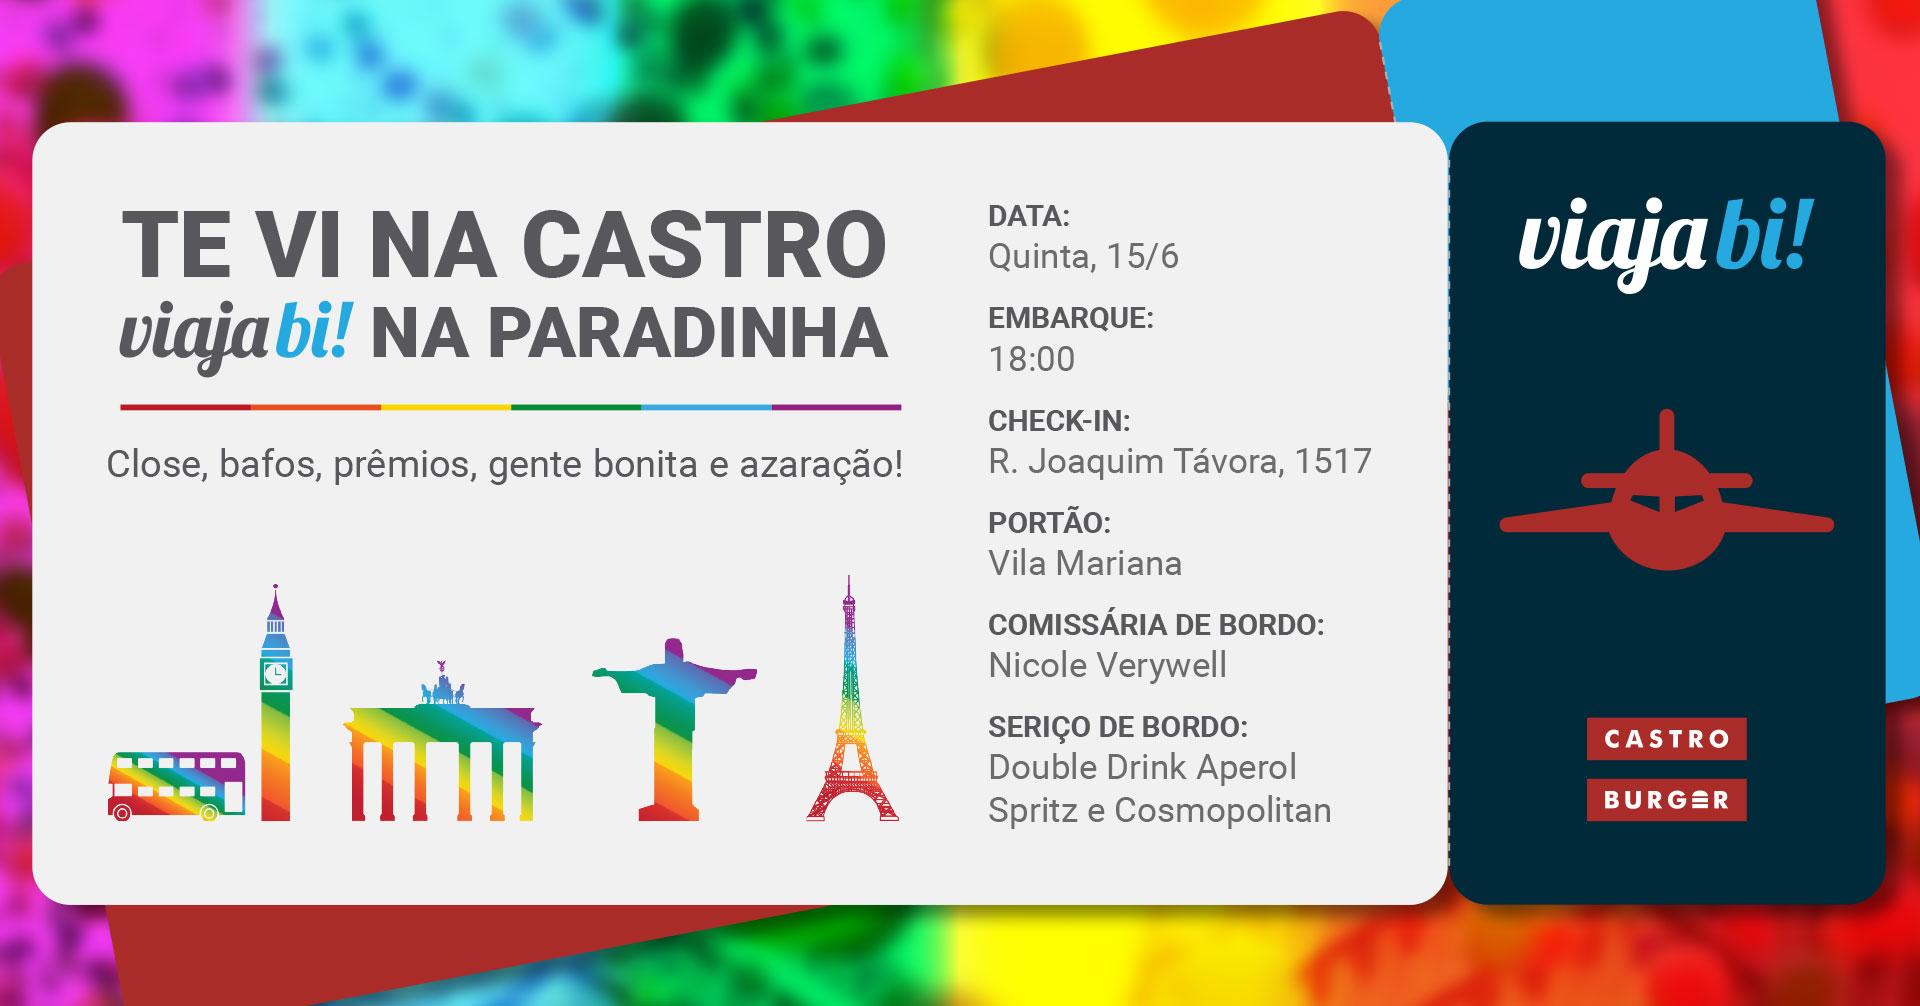 Convite do happy hour Viaja Bi! - #TeViNaCastroViajaBi! na Paradinha